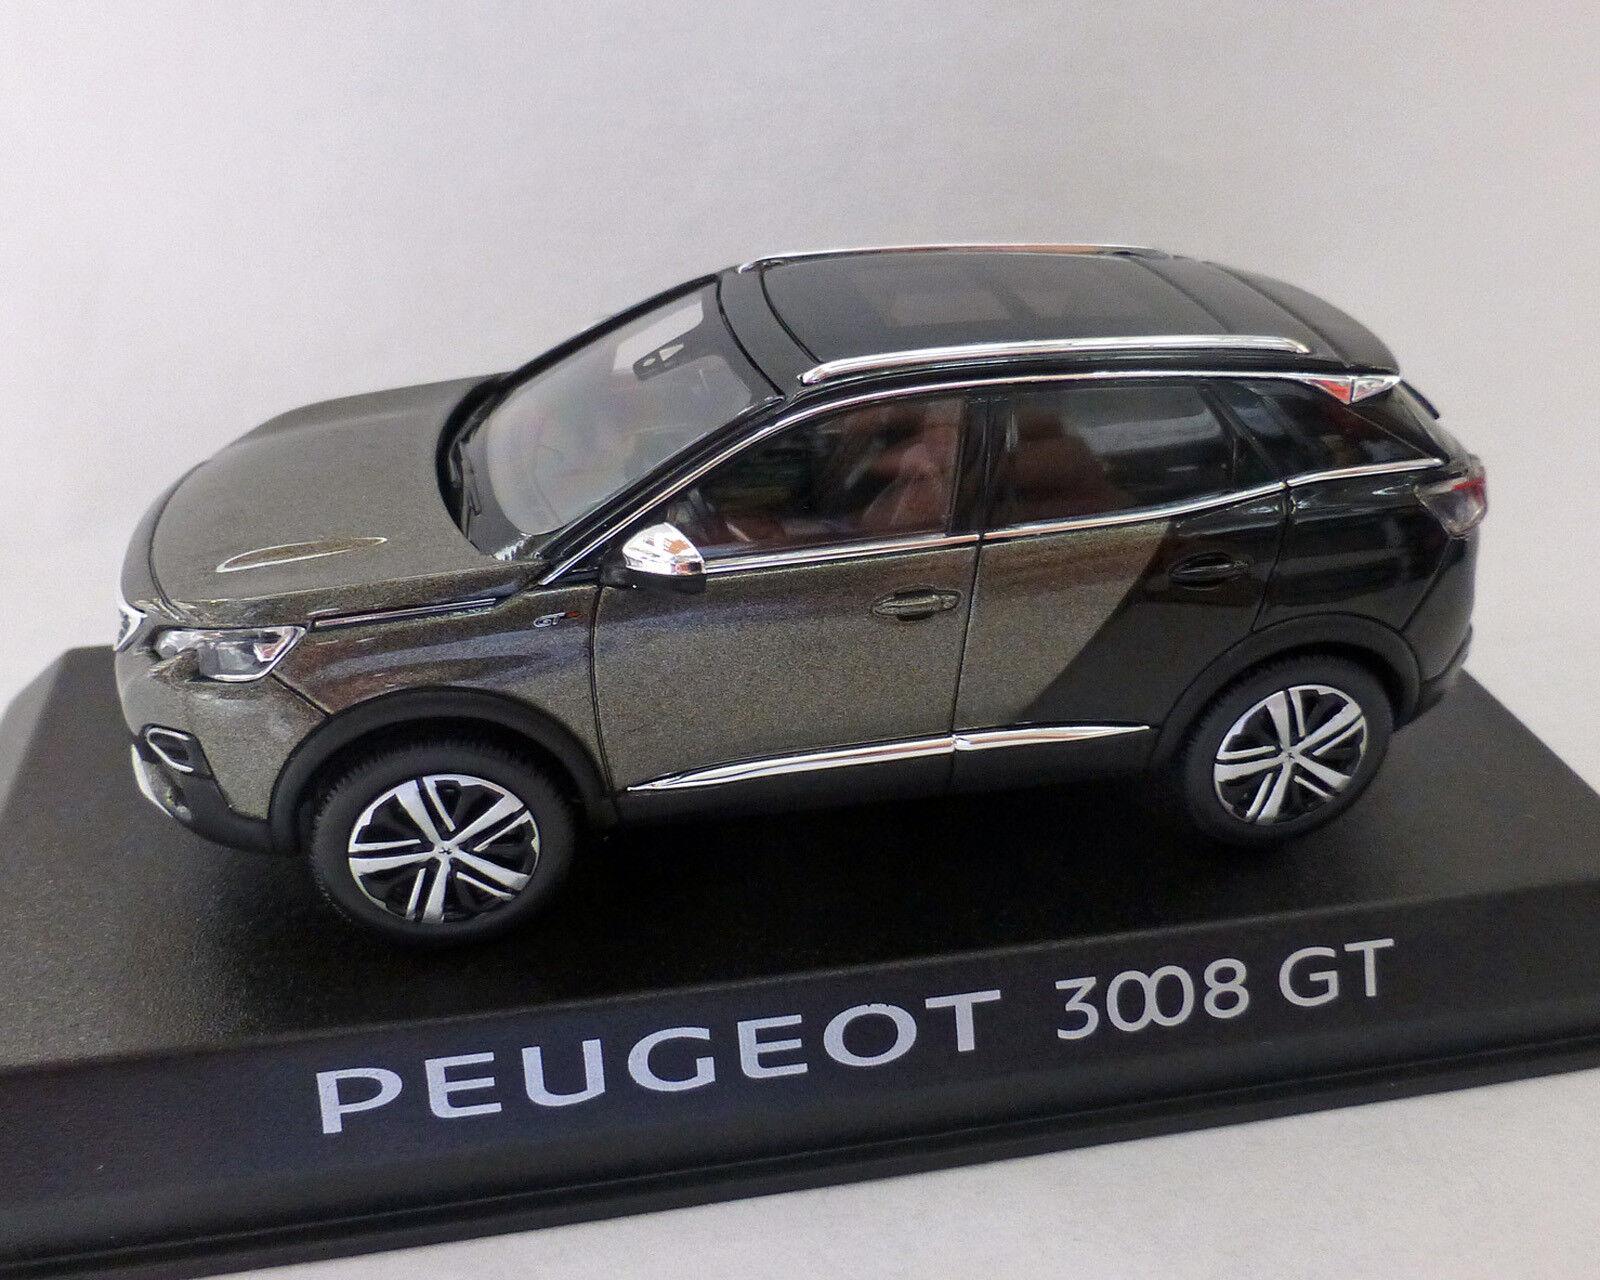 PEUGEOT 3008 GT 2016, grigio-metallico, 1:43 NOREV